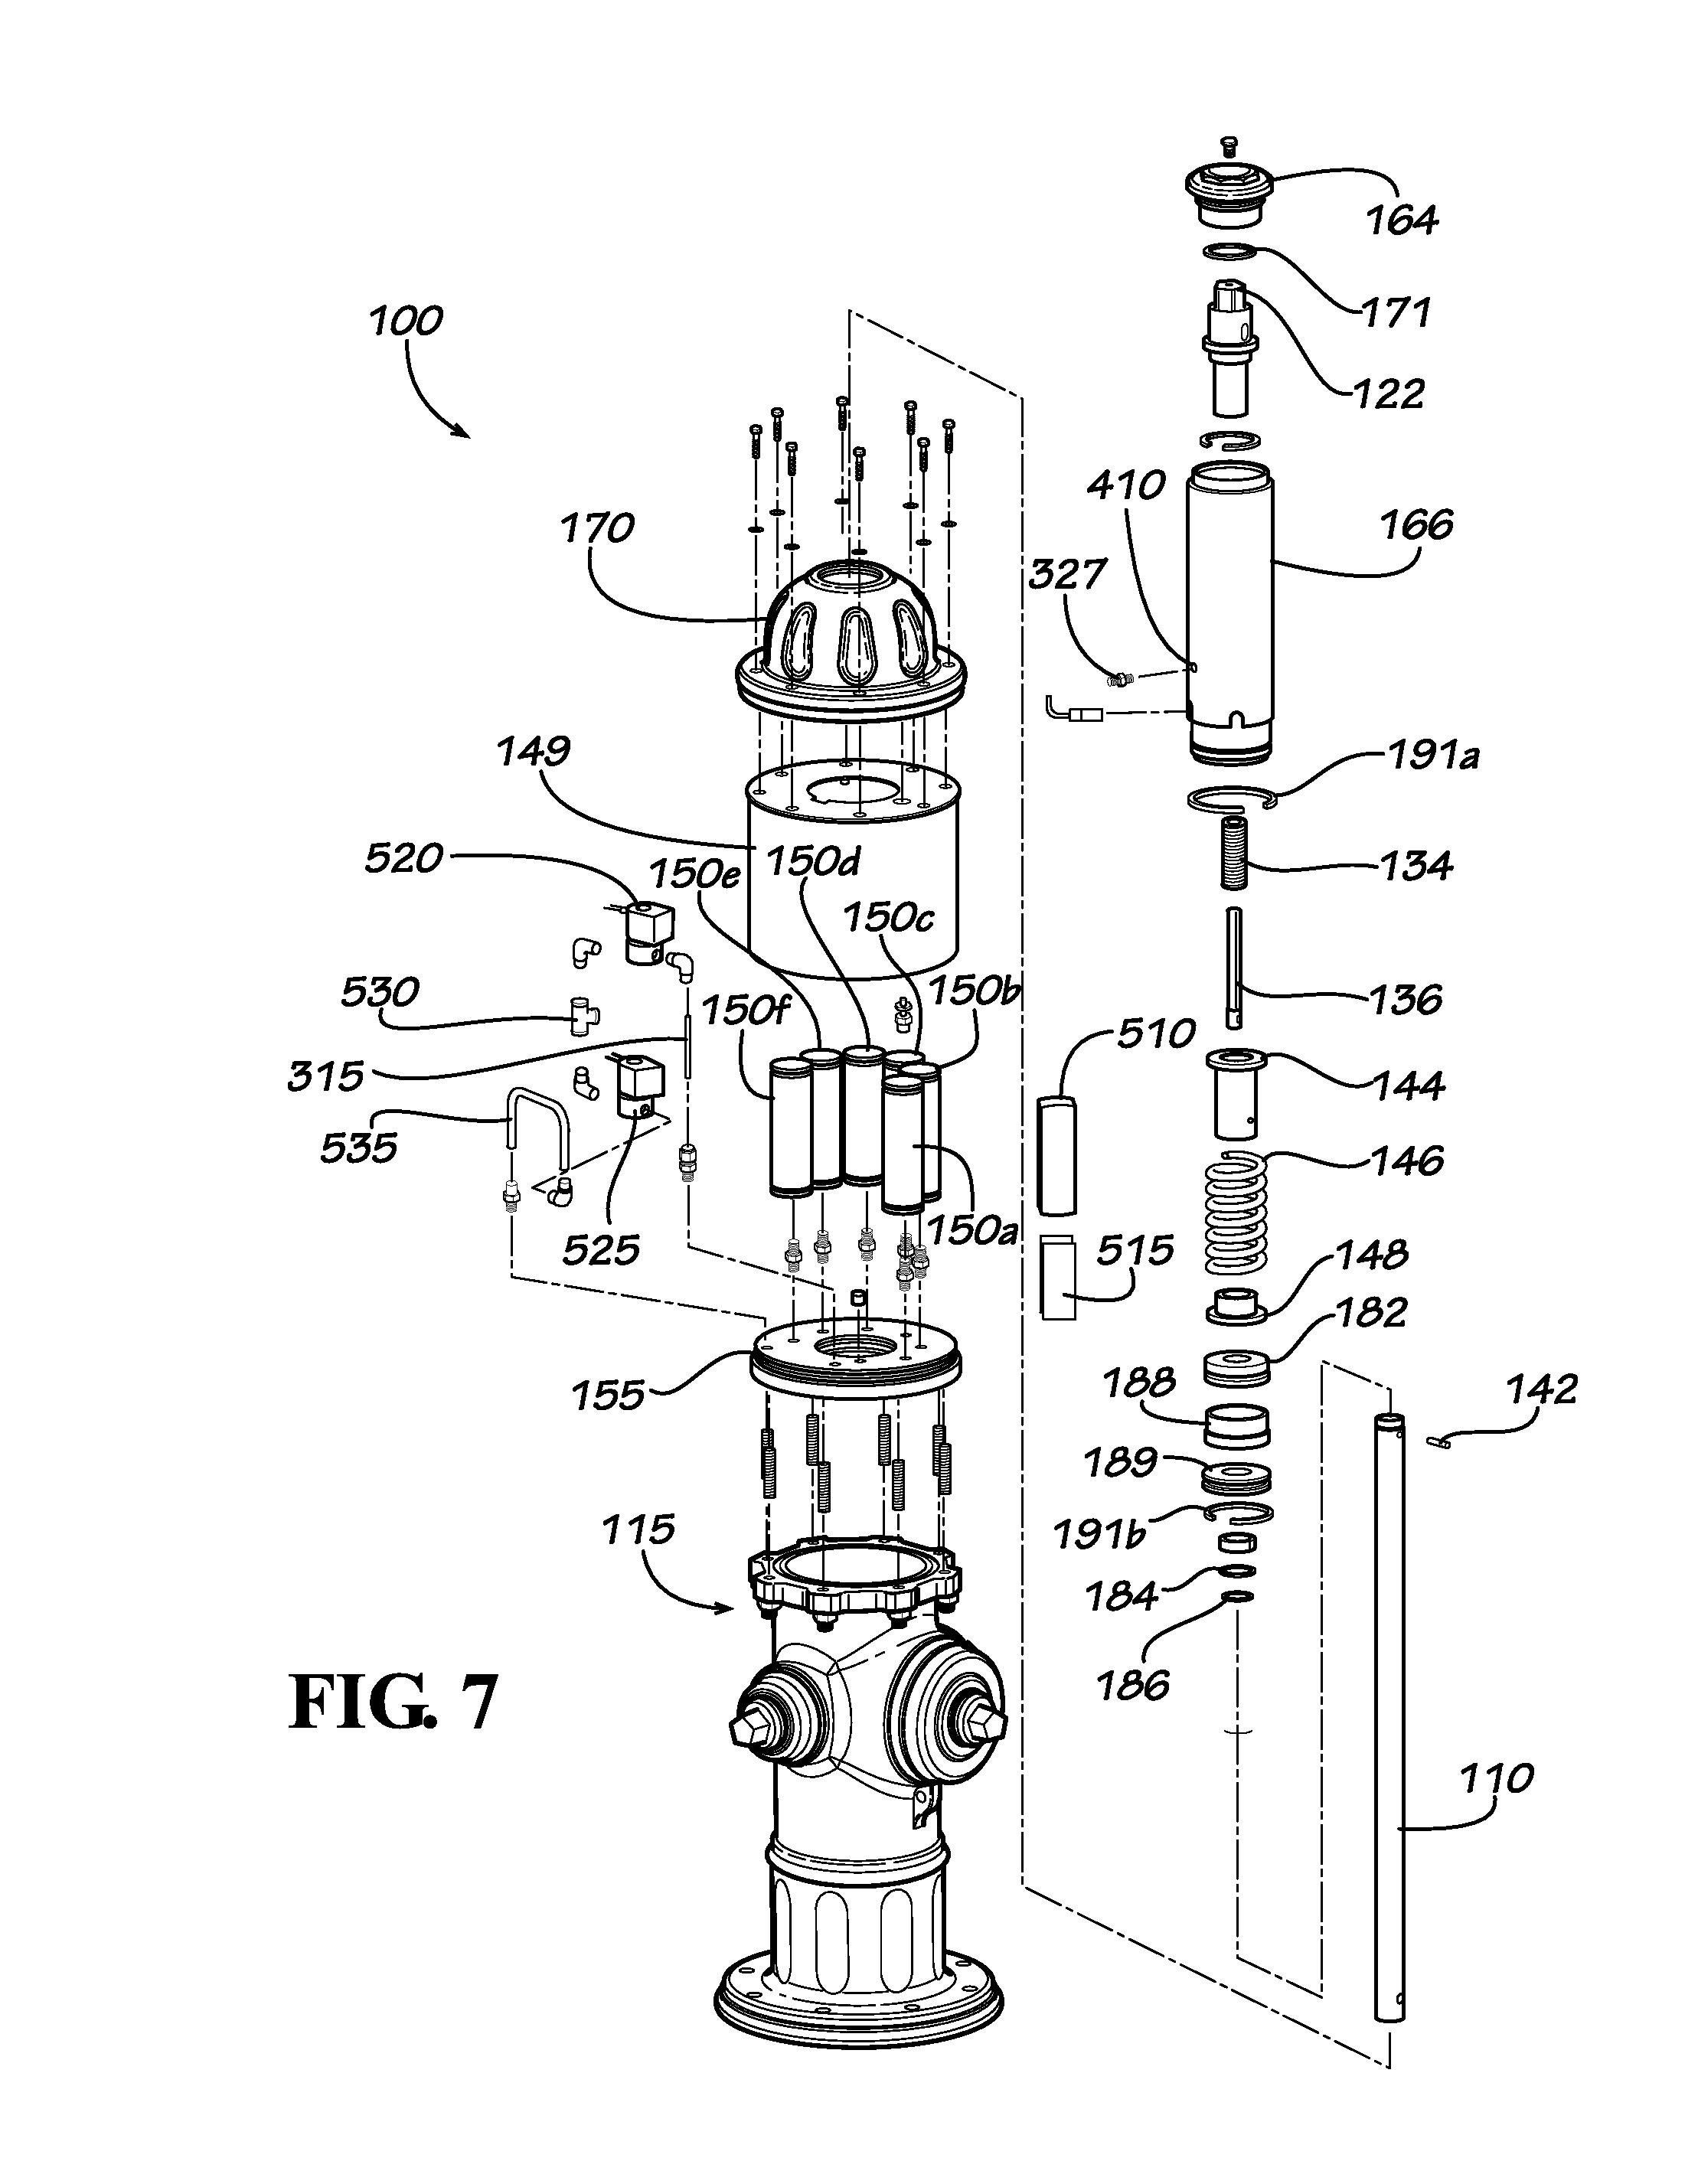 2218x2853 Diagram Basic Fire Hydrant Diagram